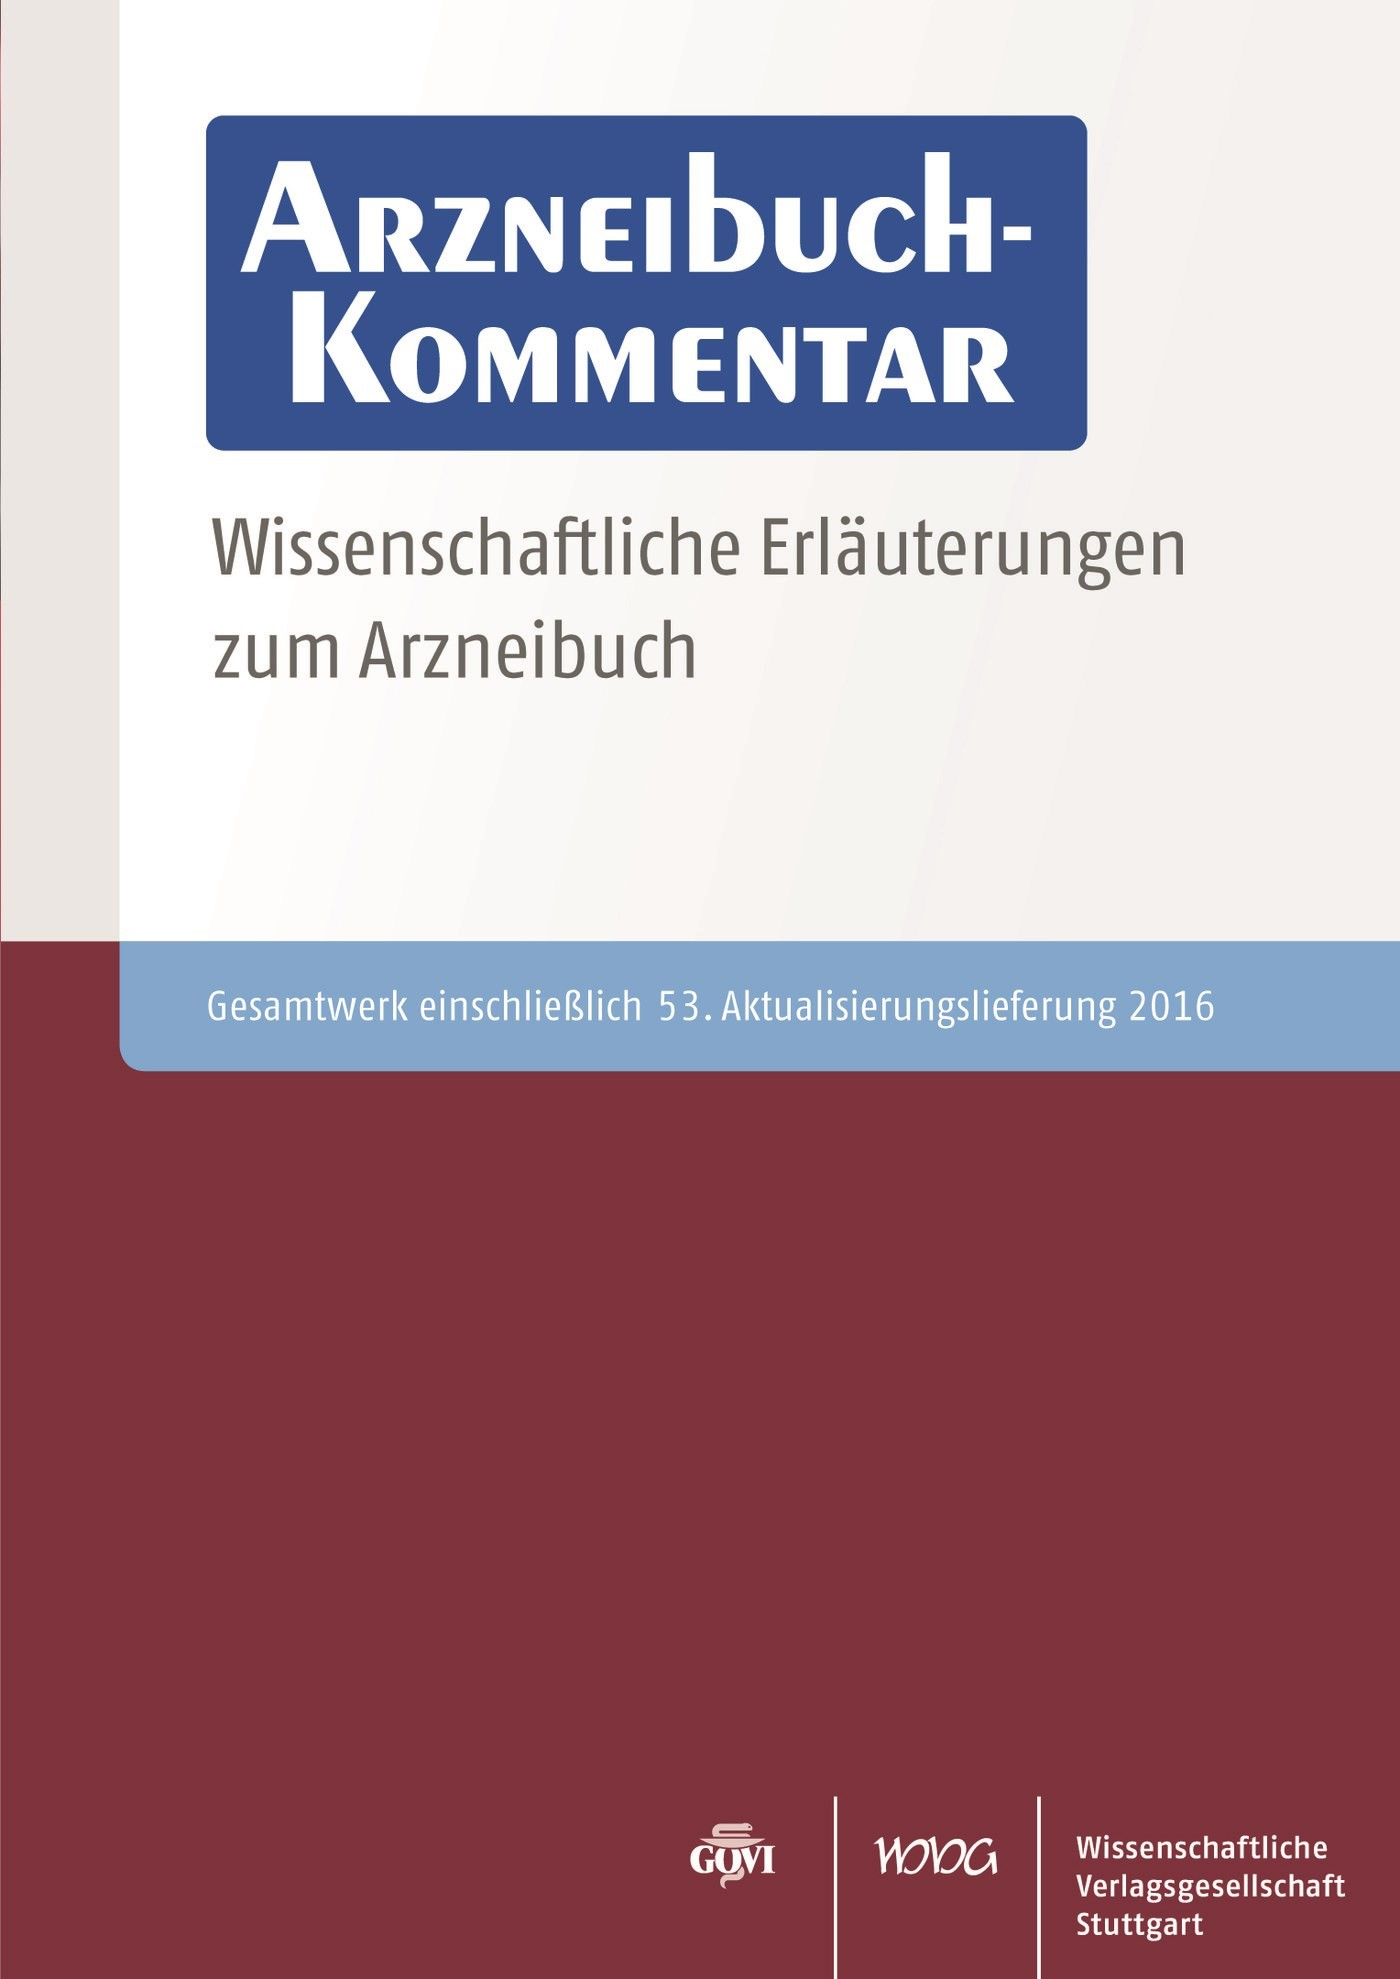 Arzneibuch-Kommentar CD-ROM VOL 53   Bracher / Heisig / Langguth / Mutschler / Rücker / Schirmeister / Scriba / Stahl-Biskup / Troschütz, 2016 (Cover)